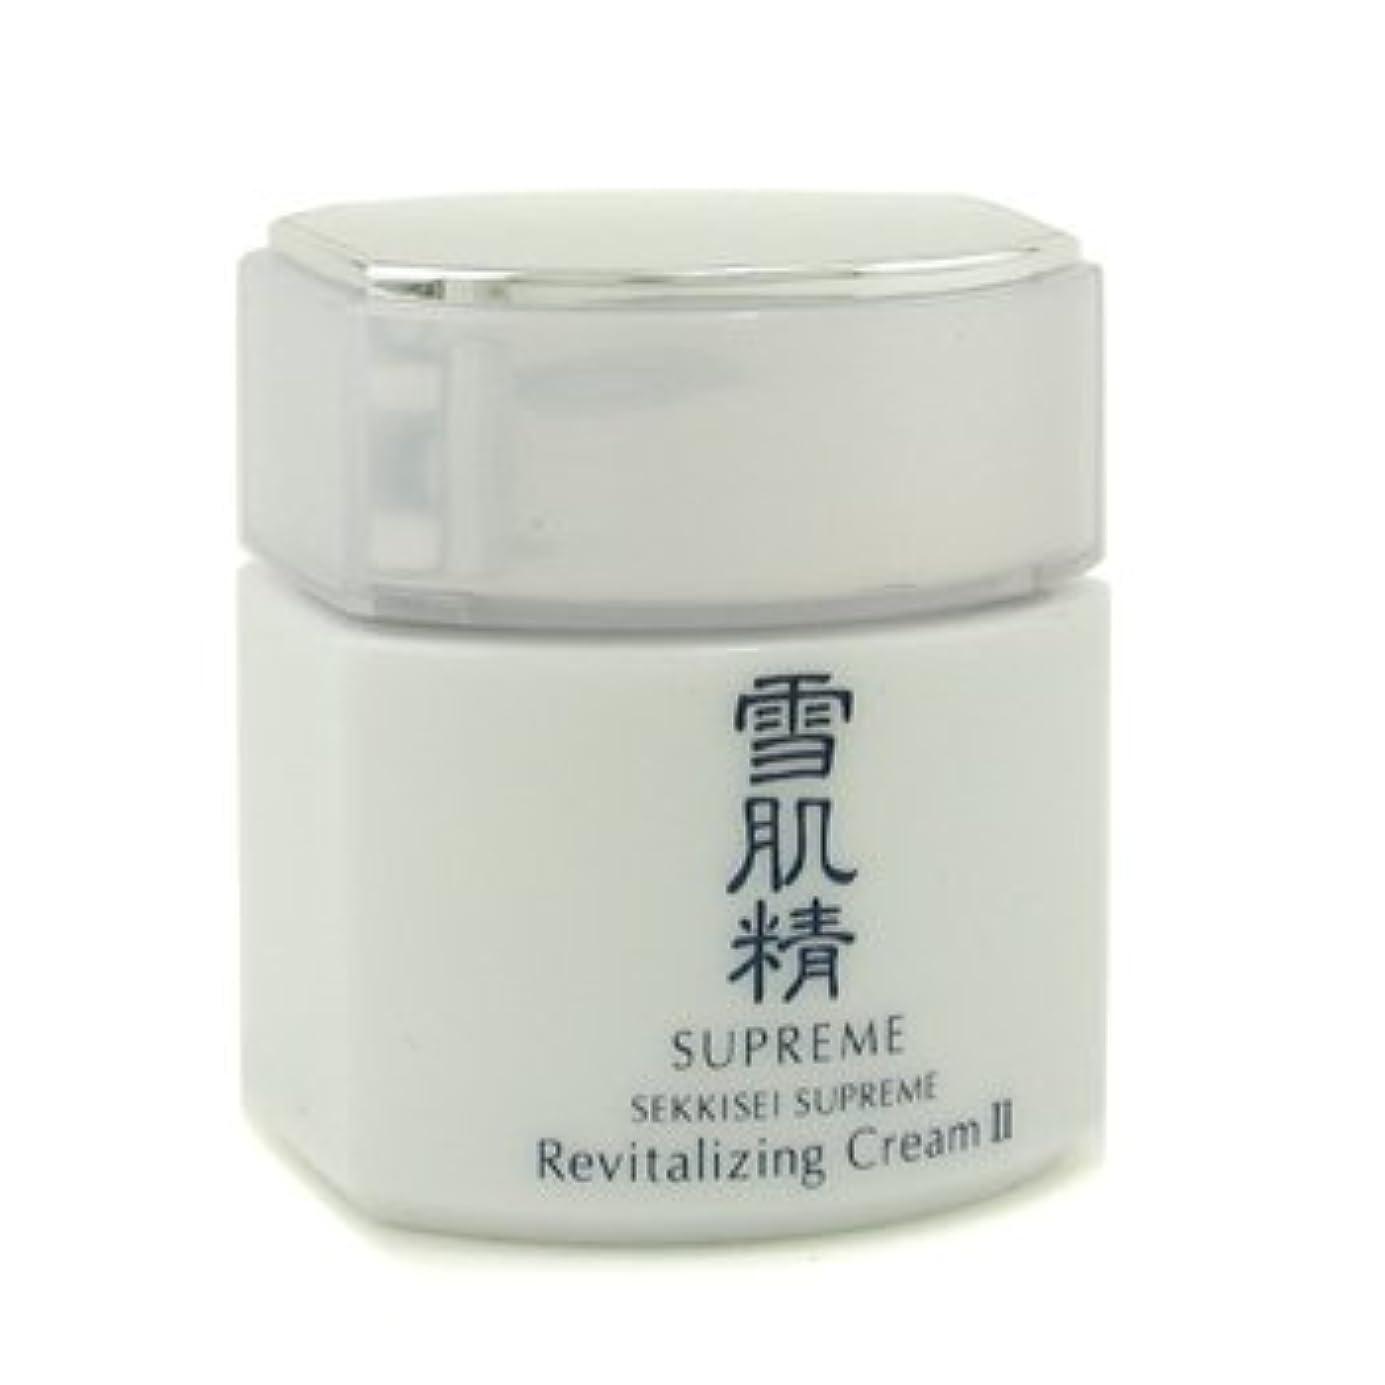 クライストチャーチ刺繍バーコーセー 雪肌精 シュープレム クリーム 40g II